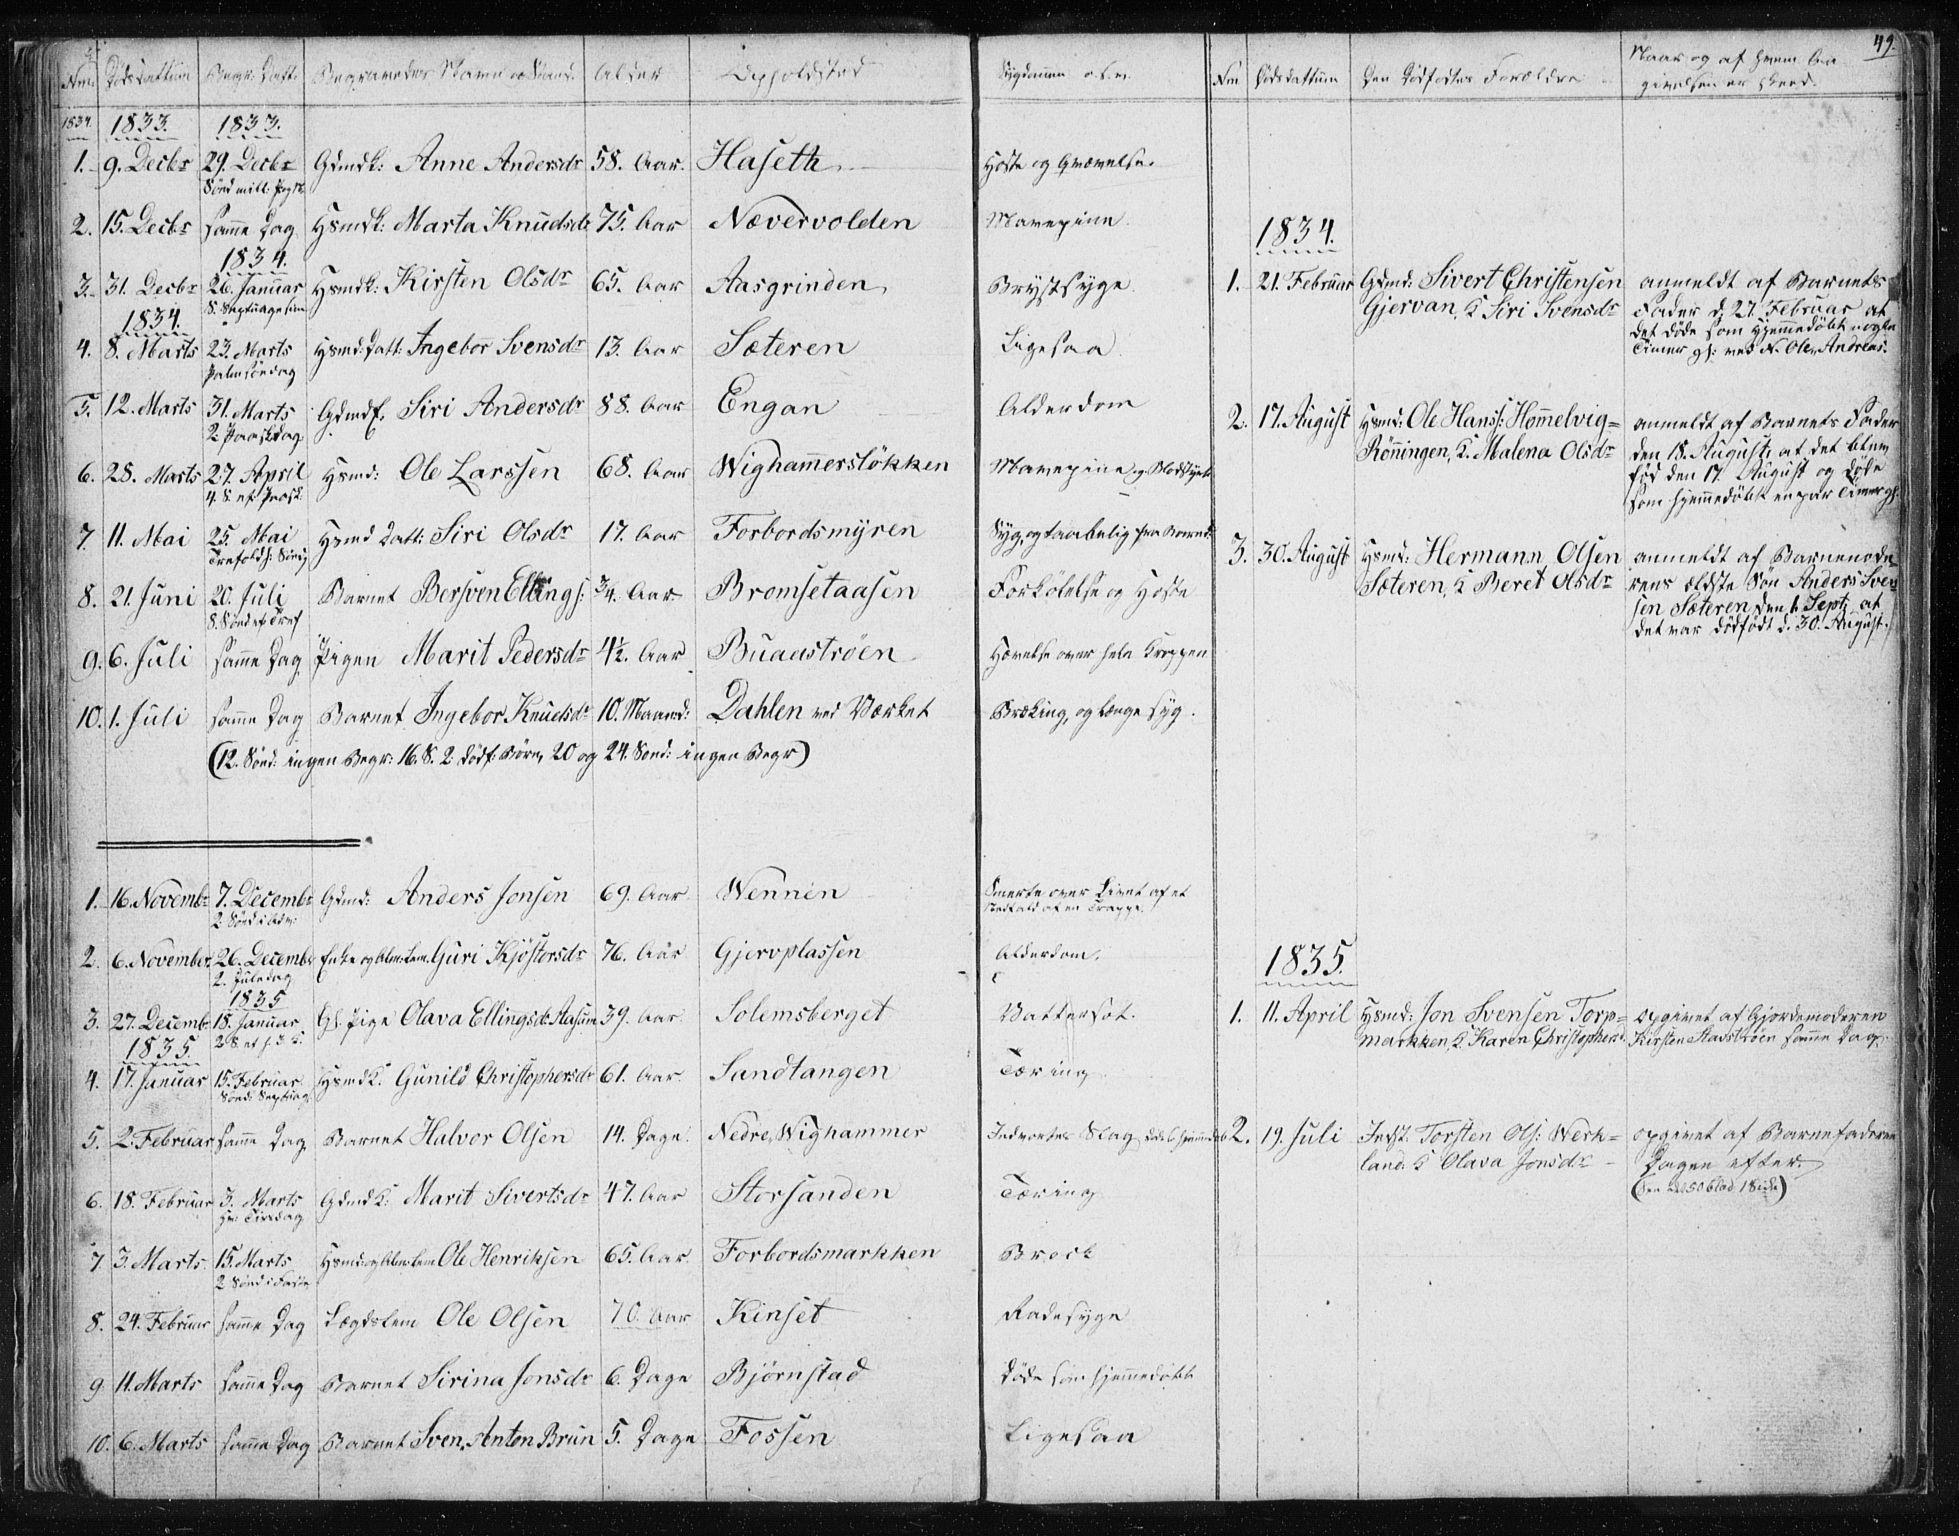 SAT, Ministerialprotokoller, klokkerbøker og fødselsregistre - Sør-Trøndelag, 616/L0405: Ministerialbok nr. 616A02, 1831-1842, s. 49